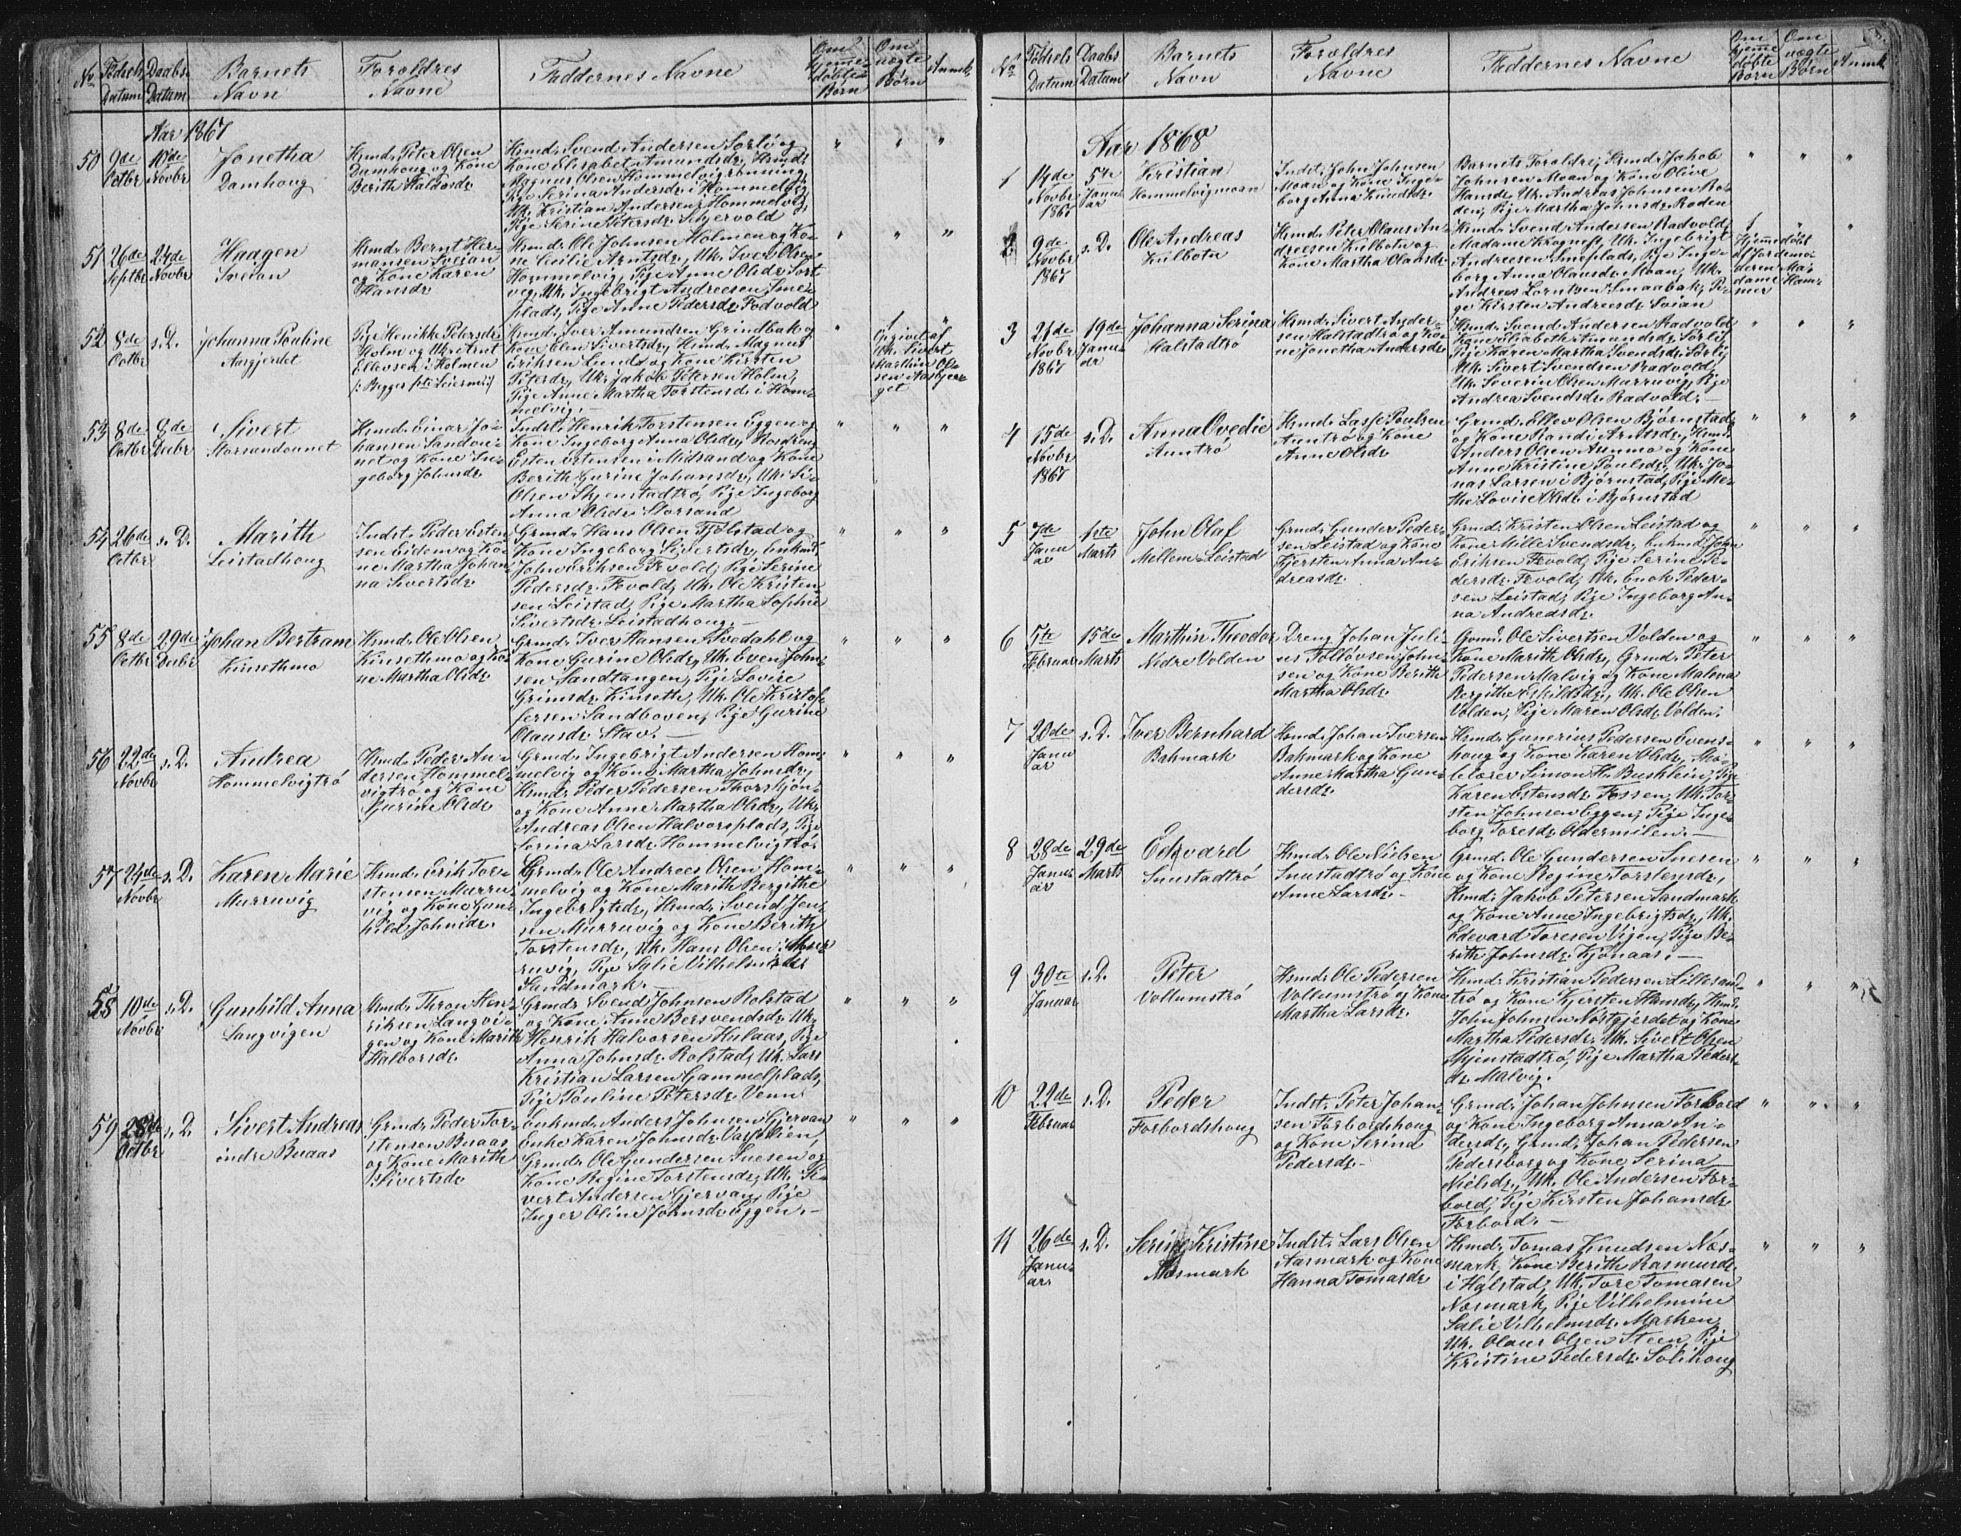 SAT, Ministerialprotokoller, klokkerbøker og fødselsregistre - Sør-Trøndelag, 616/L0406: Ministerialbok nr. 616A03, 1843-1879, s. 67